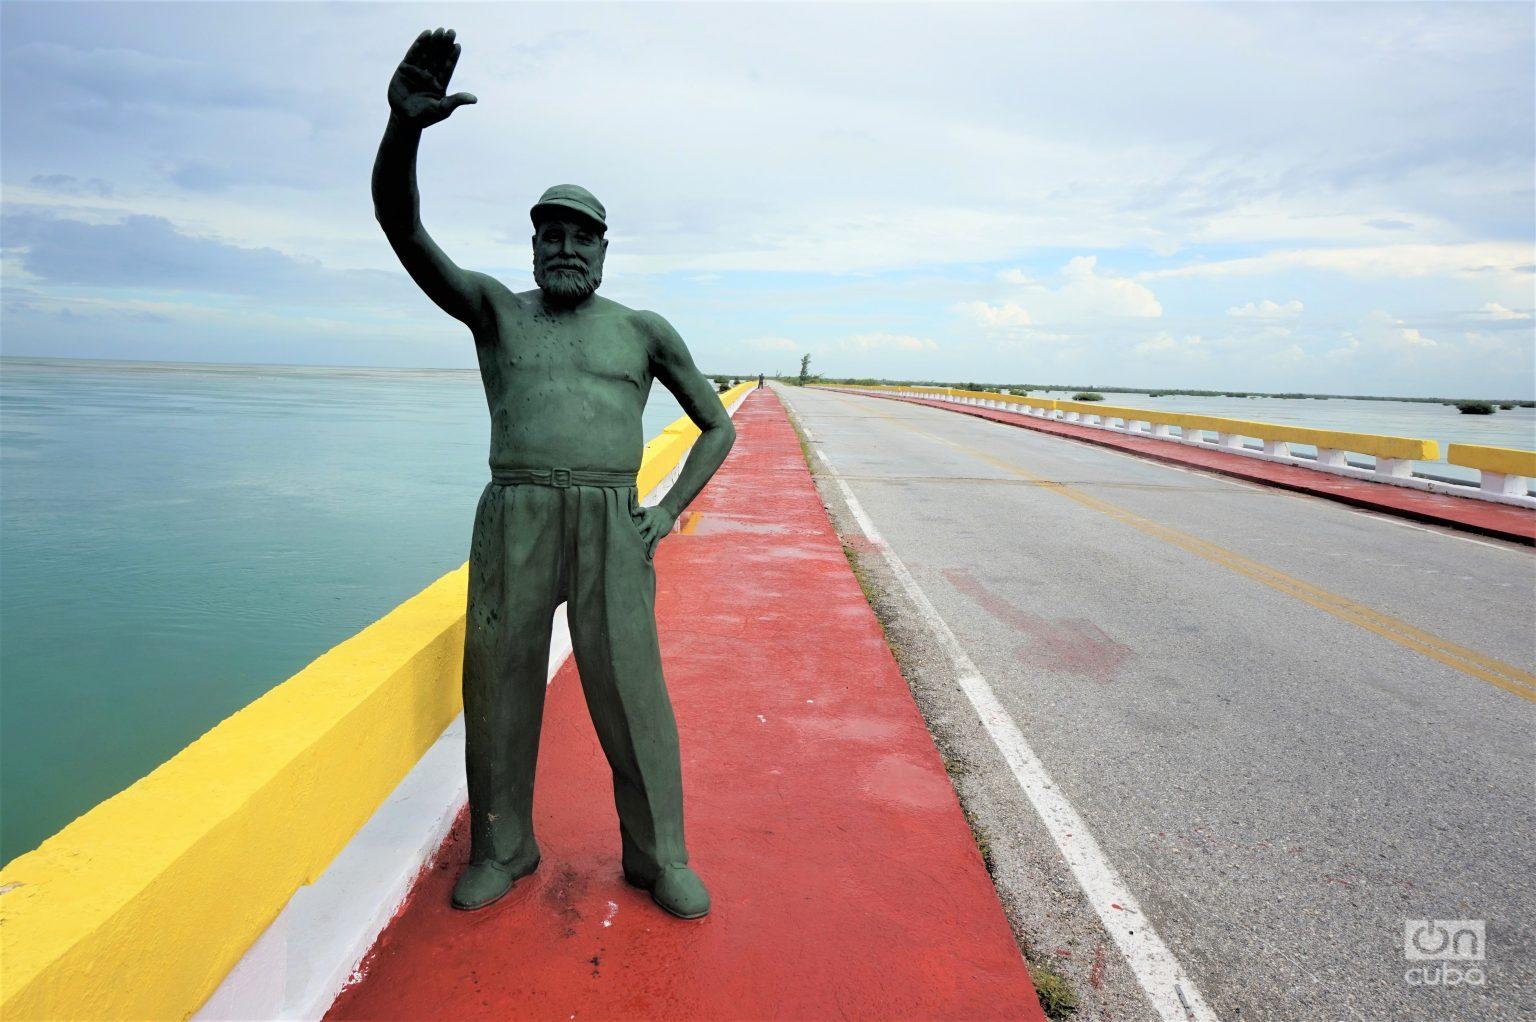 Estatua del escritor estadounidense Ernest Hemingway en Cayo Guillermo, Cuba